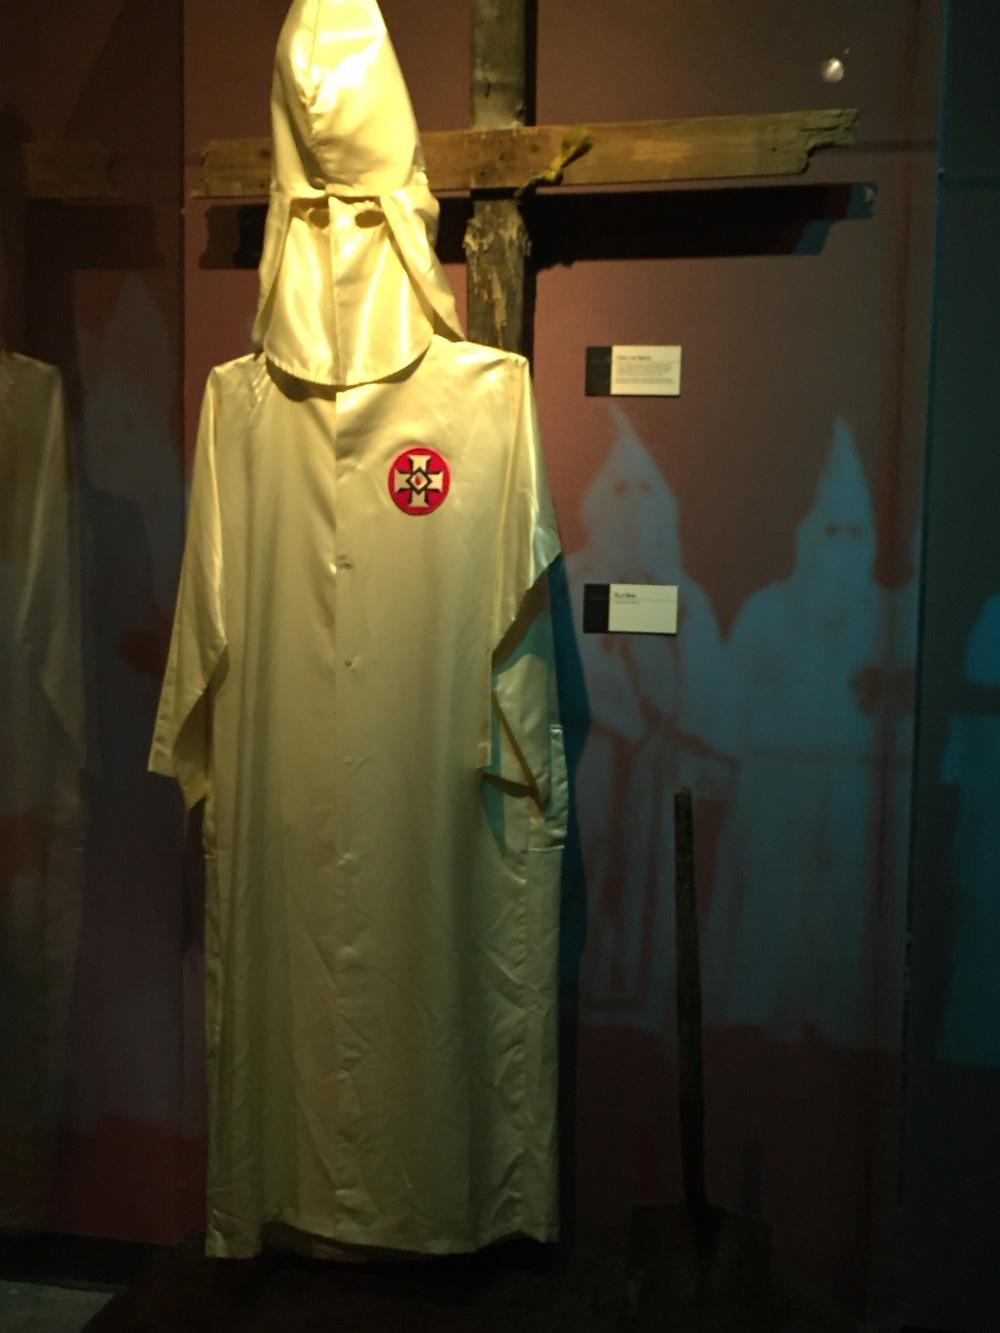 Klan Robe